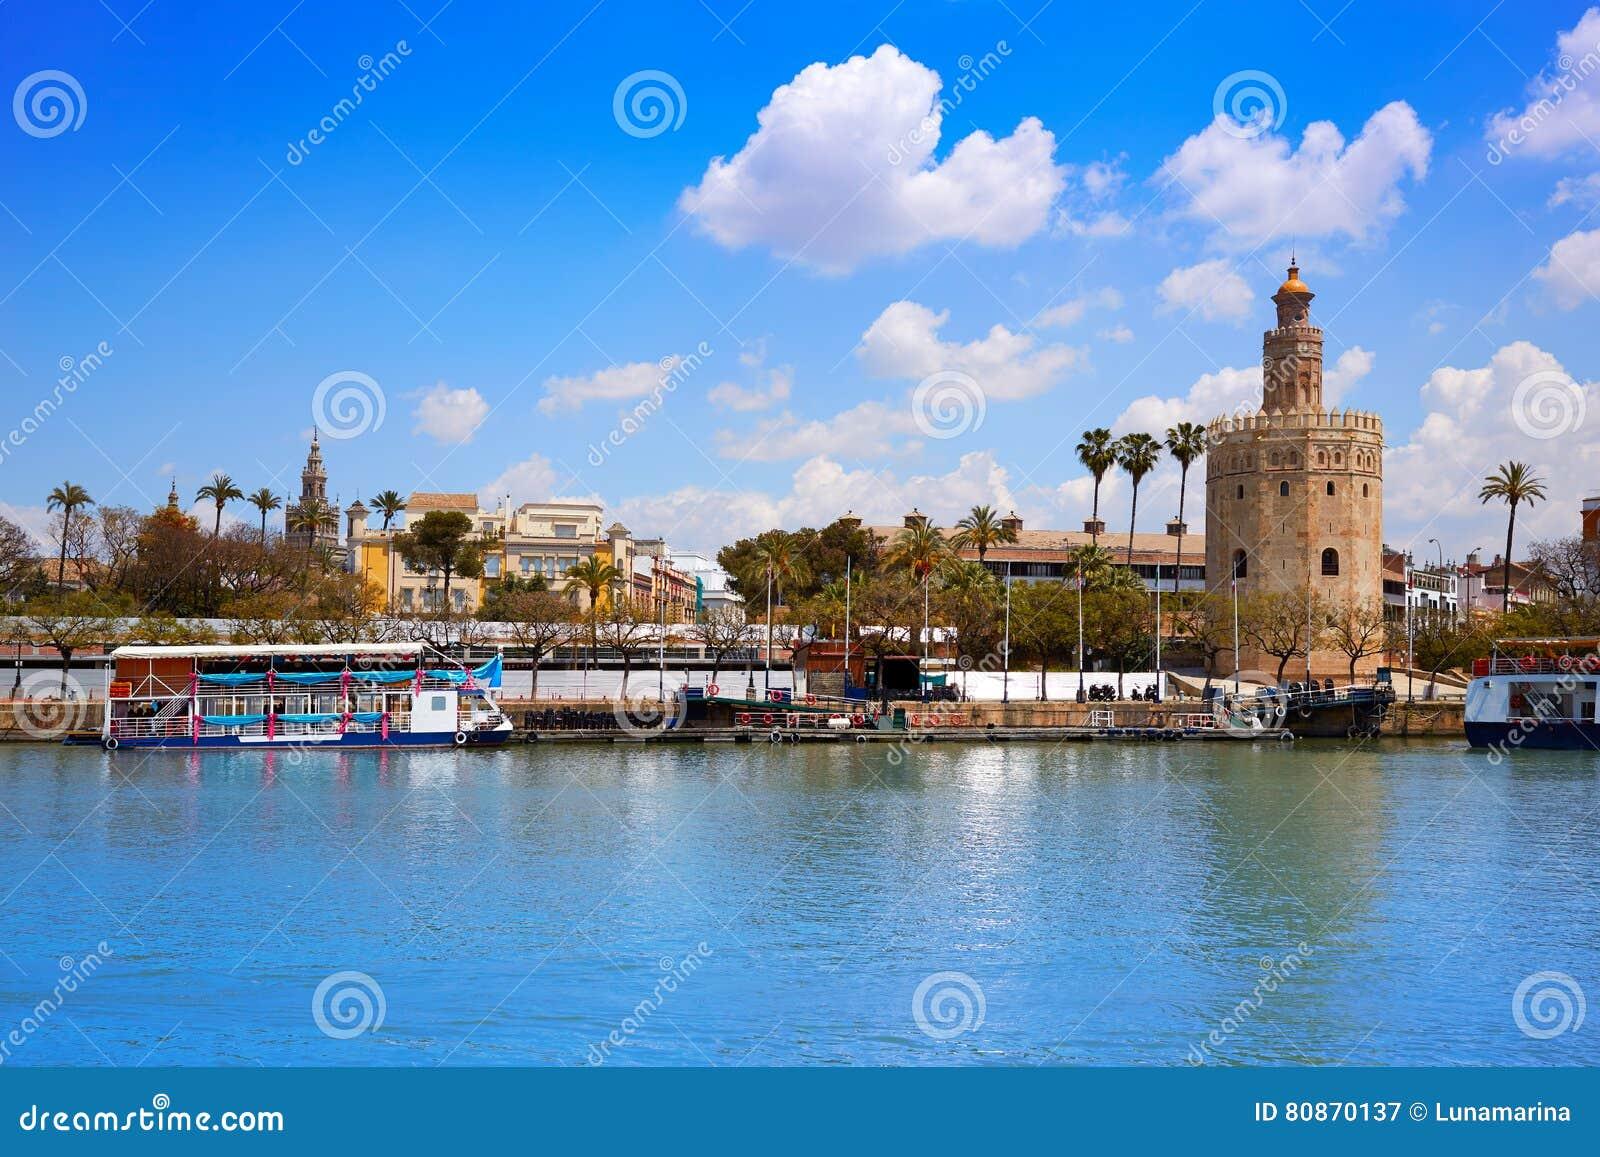 Torre de Sevilha Torre del Oro em Sevilla Andalusia